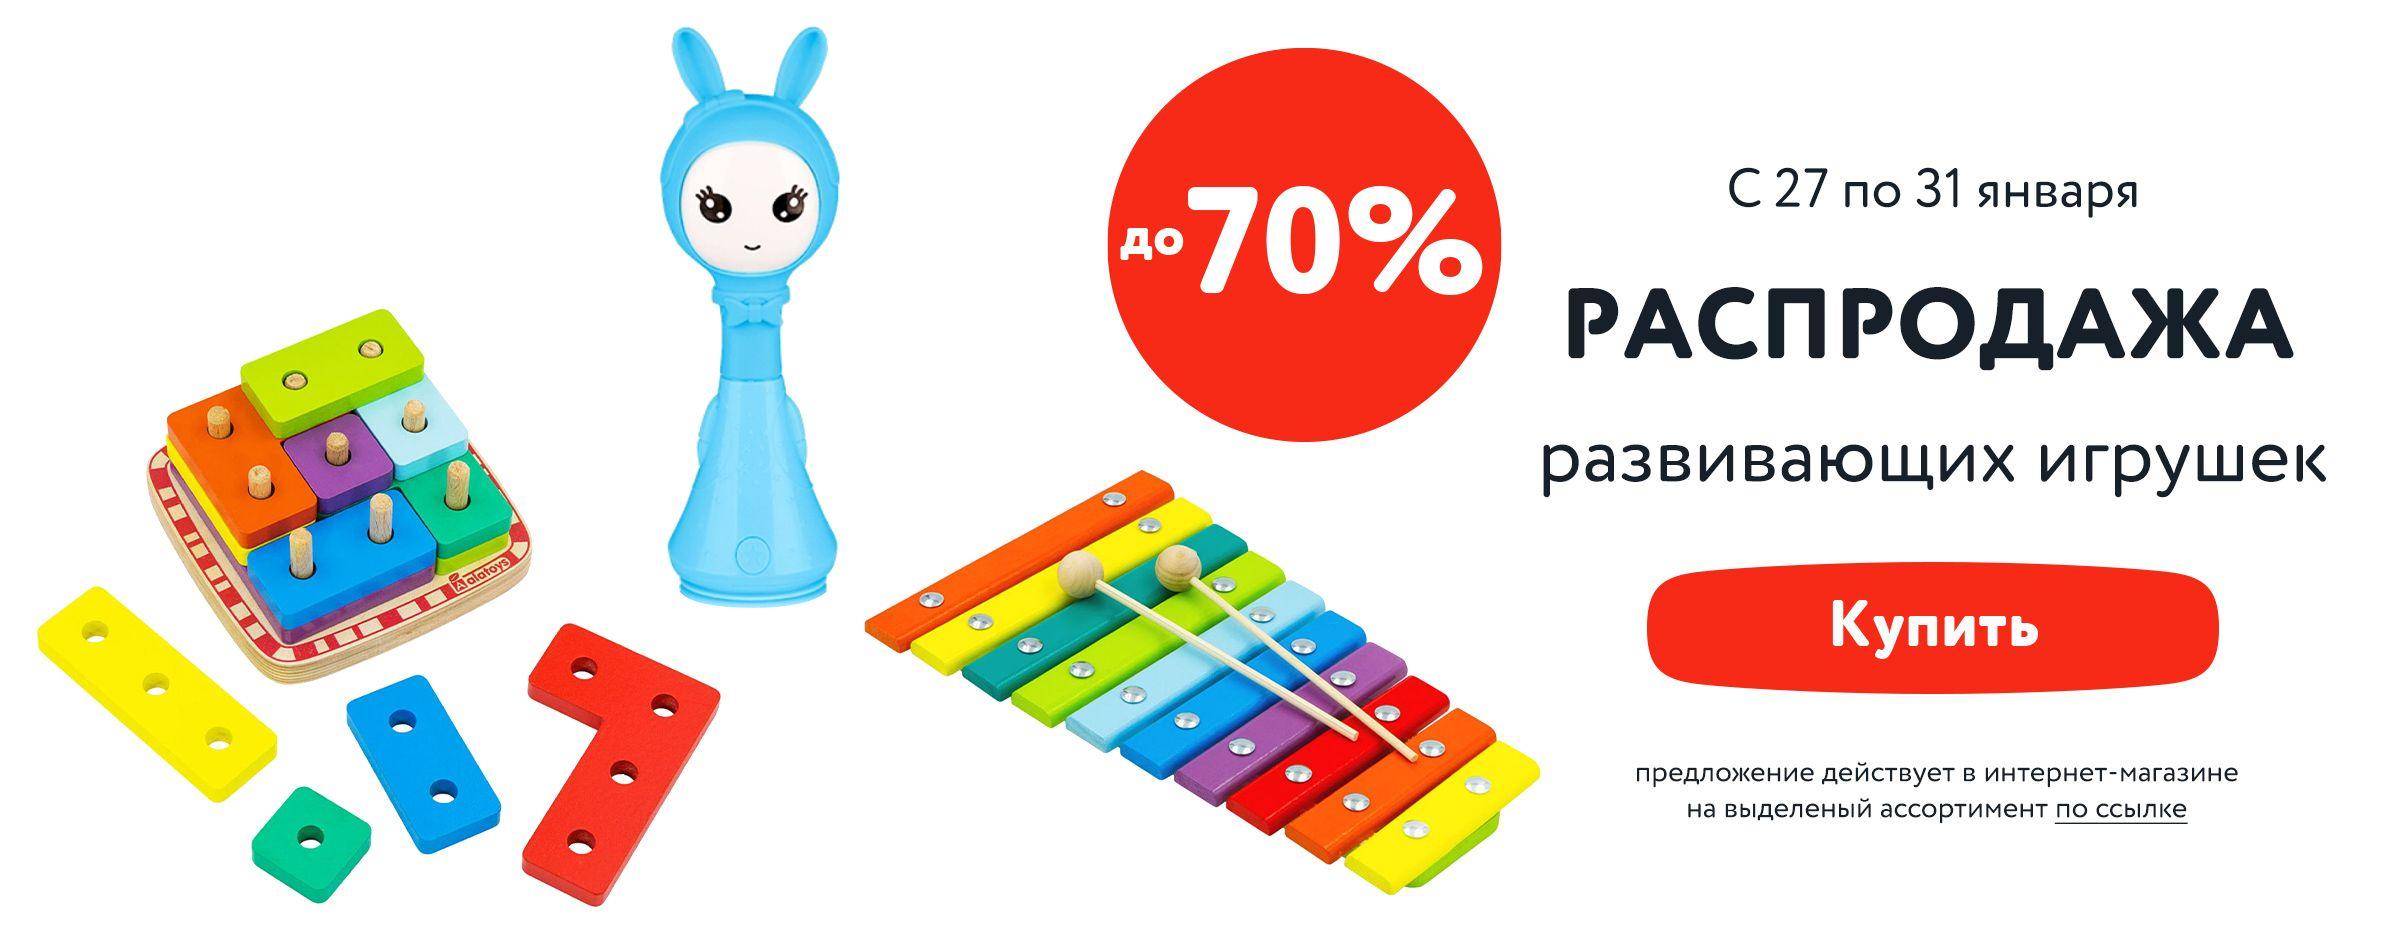 Распродажа развивающих игрушек С